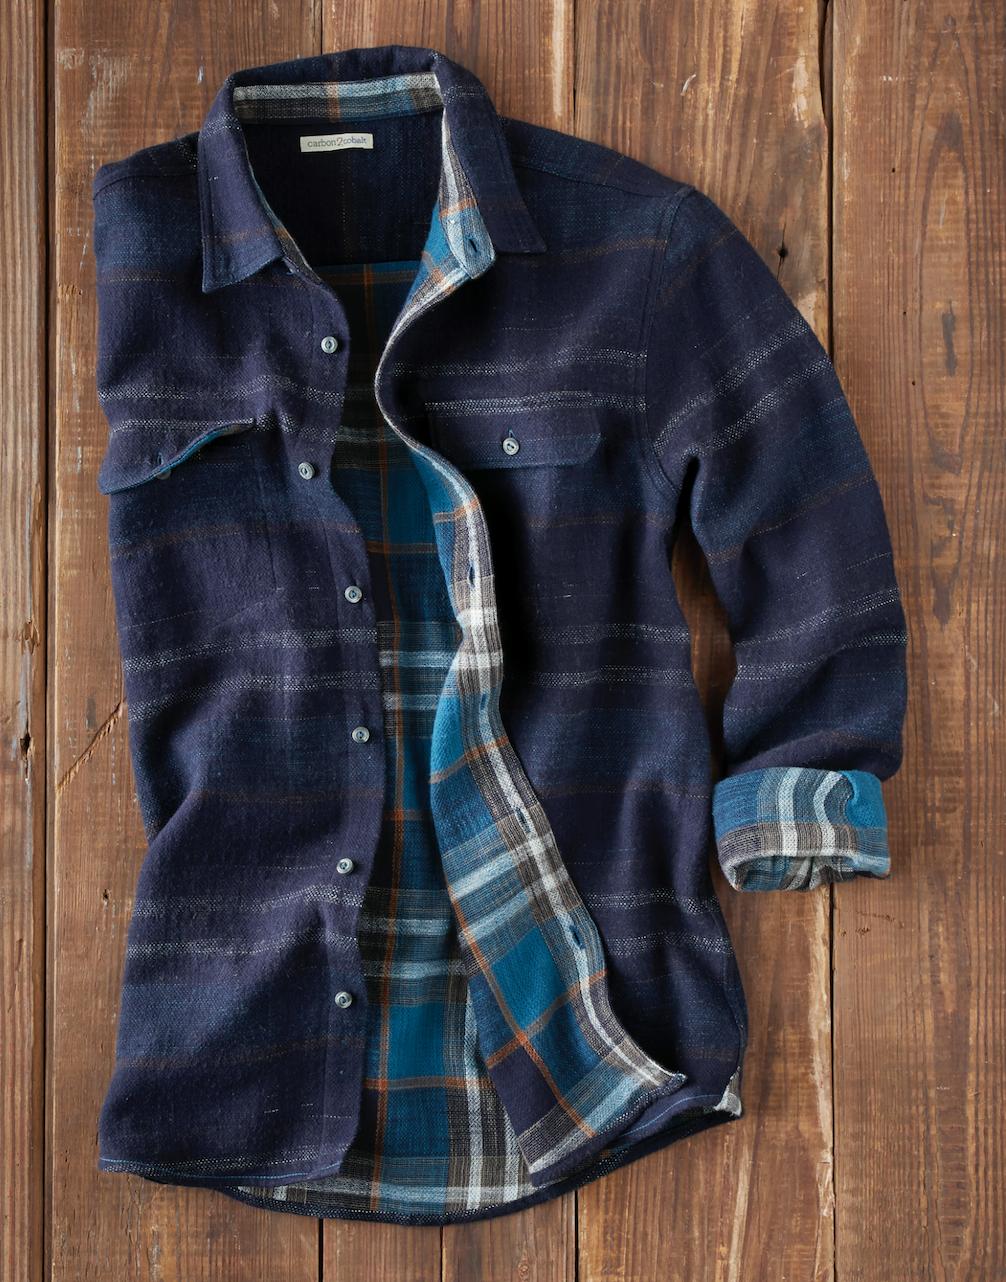 7) Wear It Like A Jacket